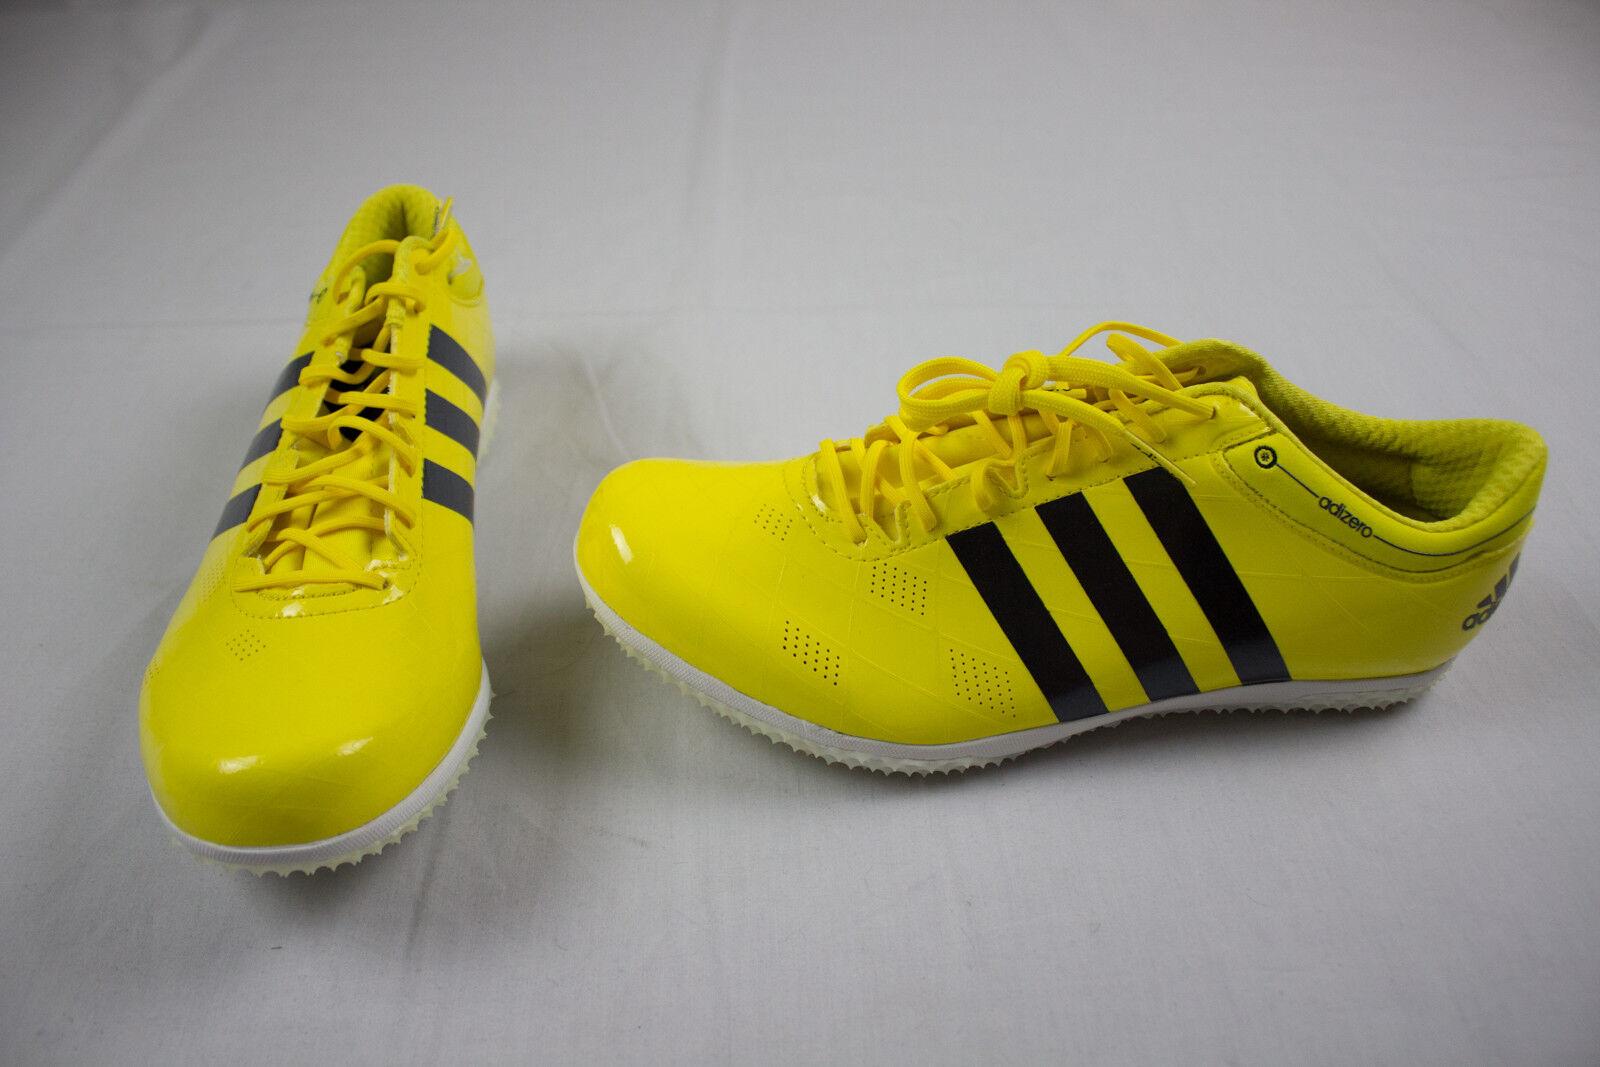 Nuove adidas adizero hjfl -, la formazione (uomini di dimensioni multiple)